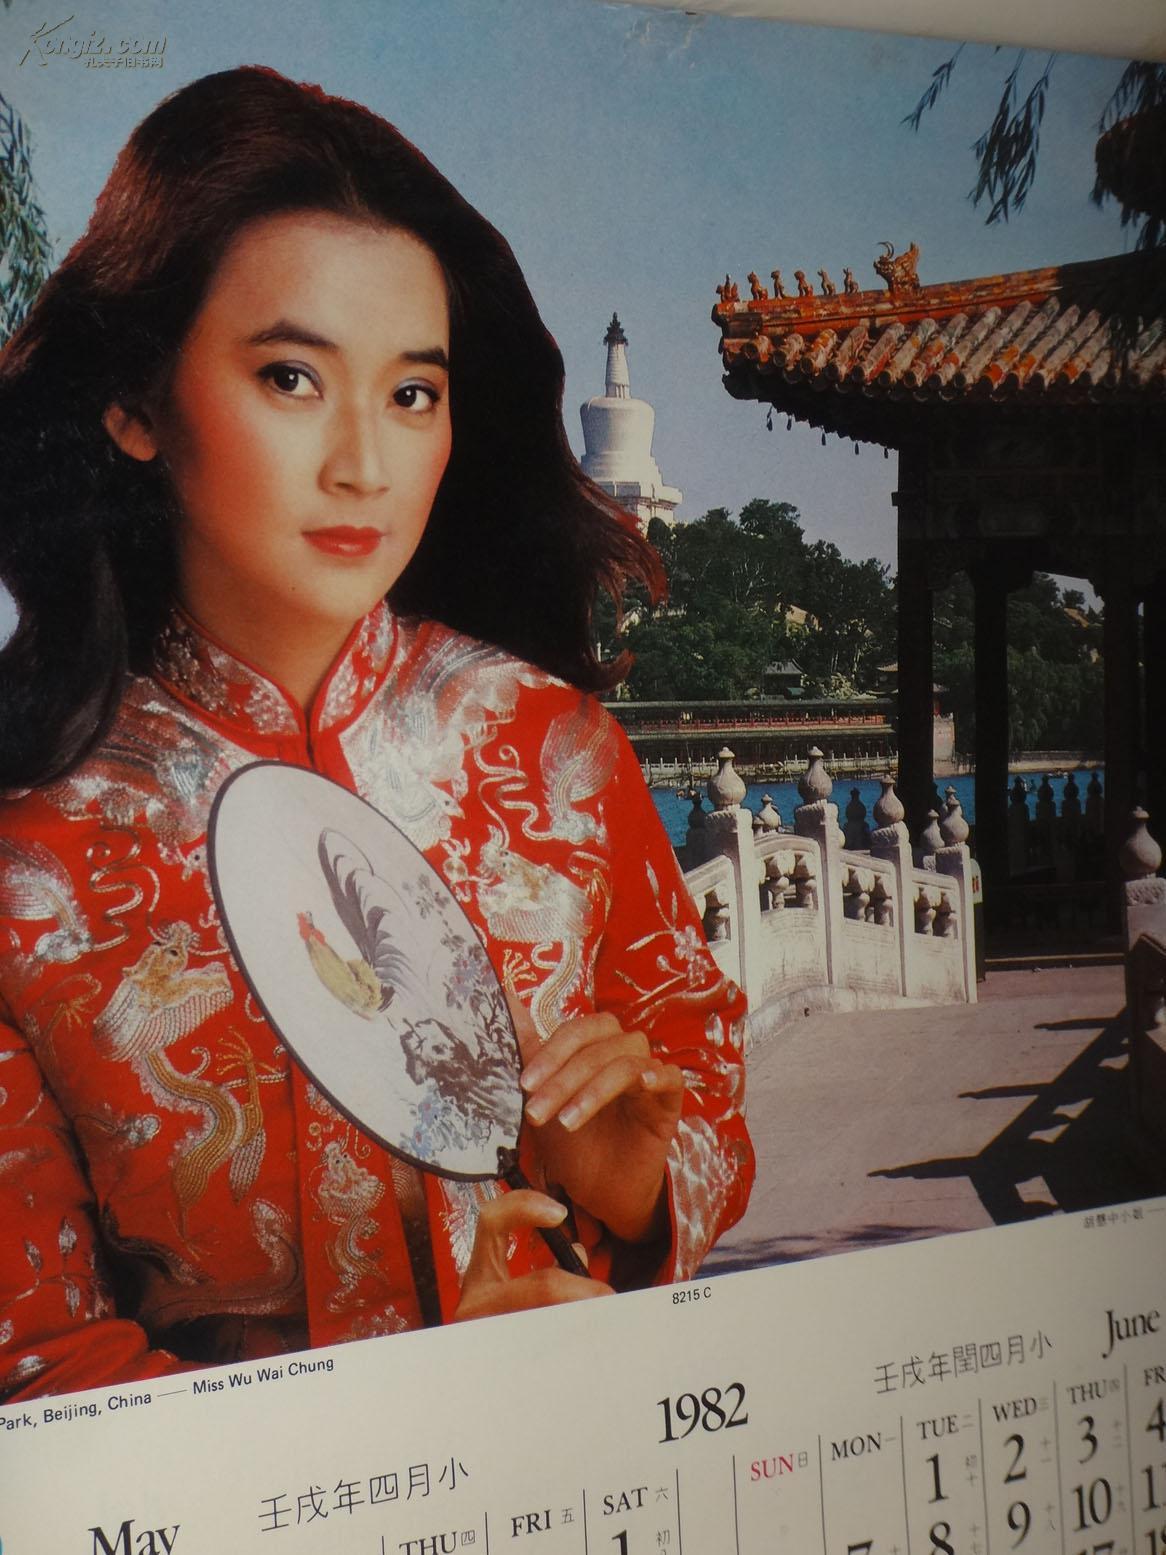 胡慧中最美的9张照片,孙俐亲姨奶,与林青霞齐明,卖楼套现救夫